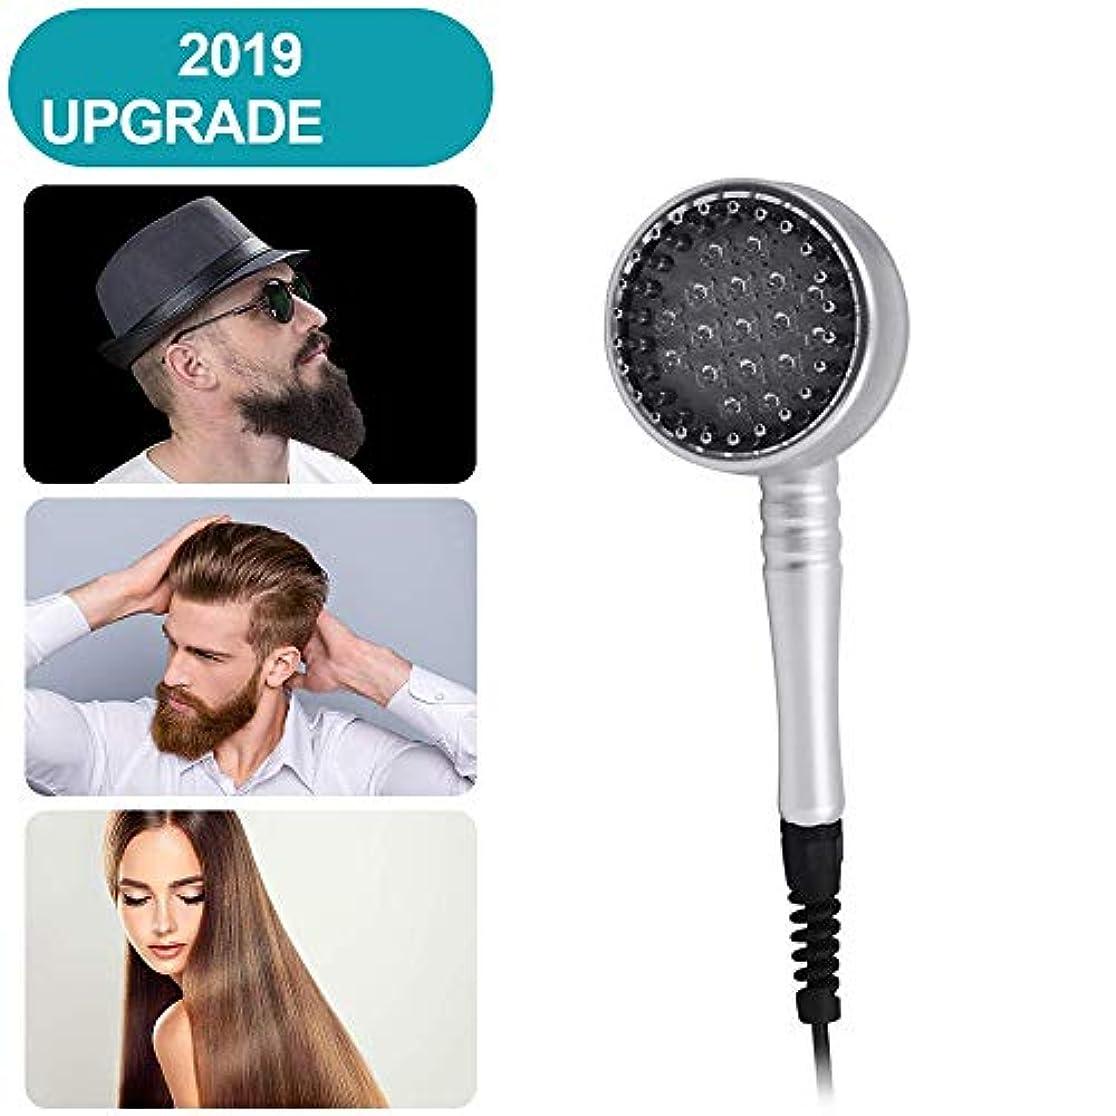 ベッド生きるかすれた毛の成長くし、男性&女性のための赤外光や振動セラピー、再成長髪のマッサージブラシ付き電動発毛くし